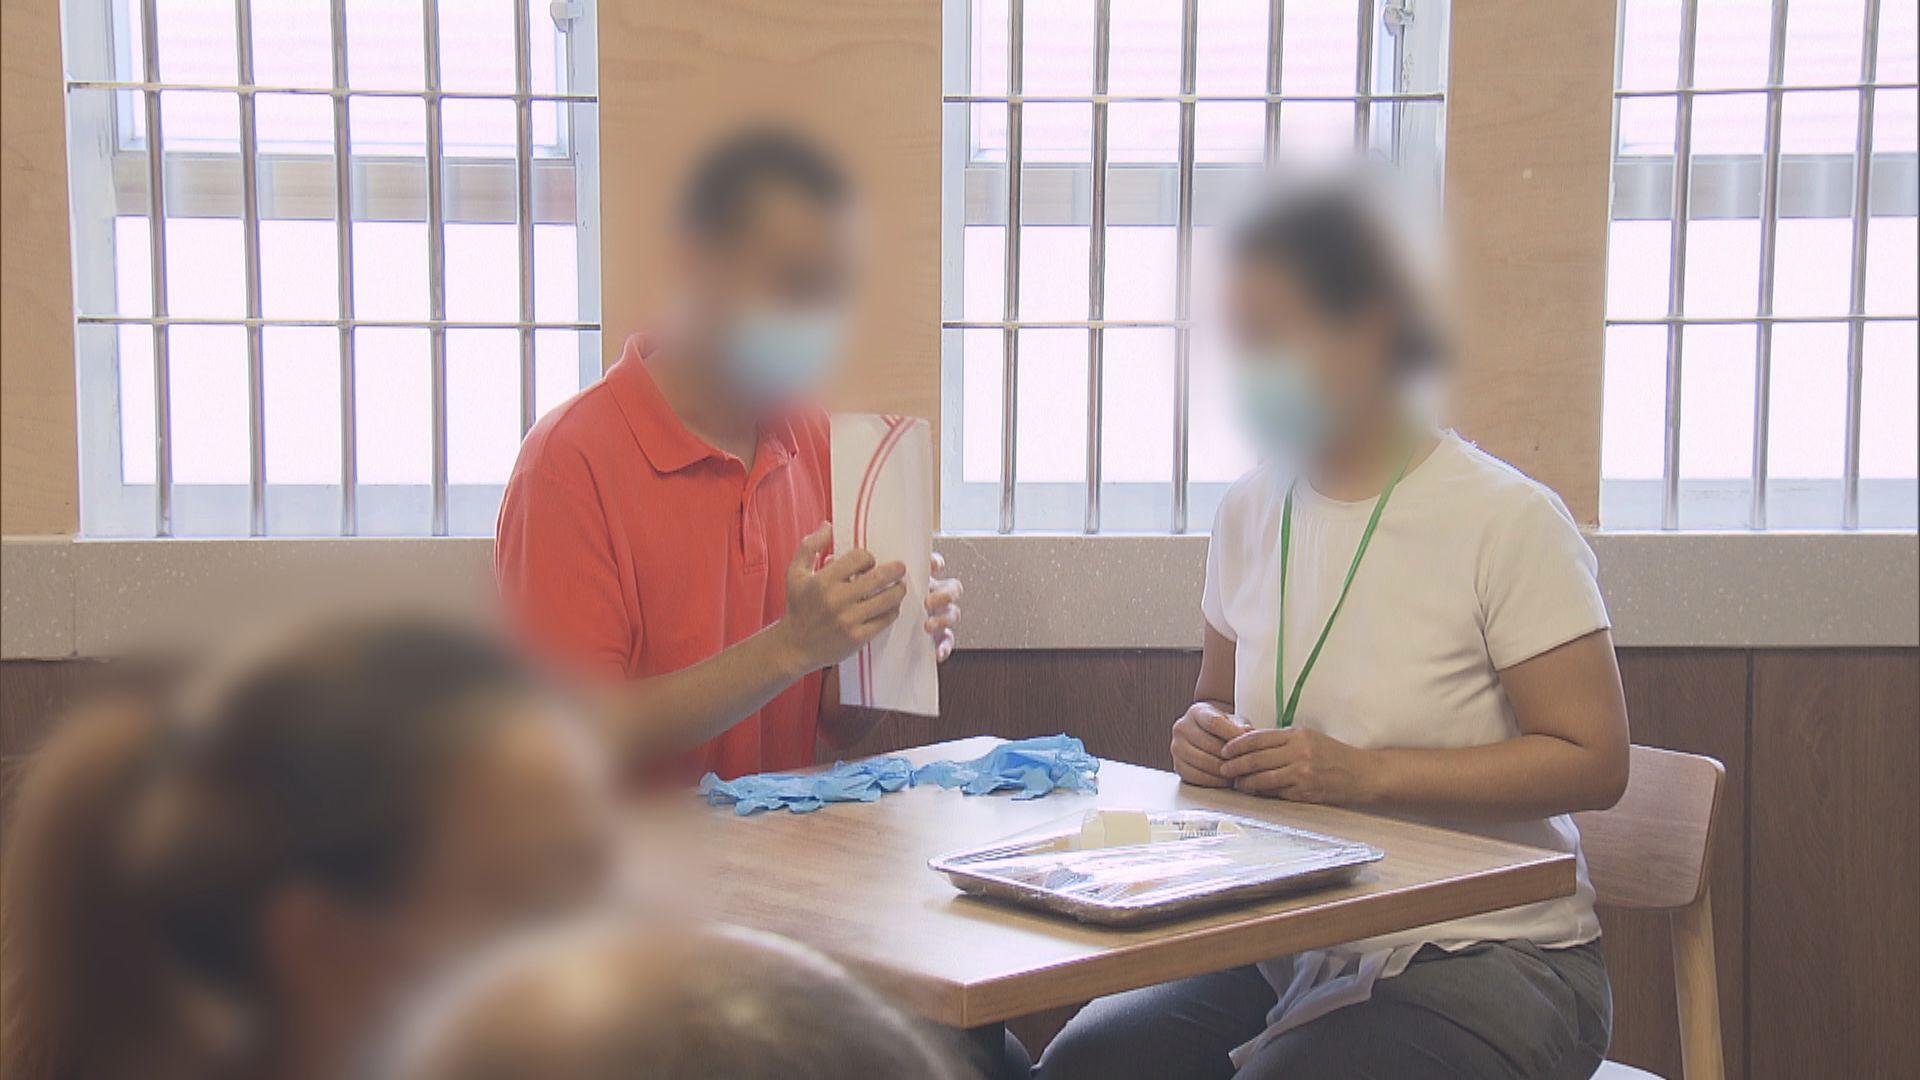 懲教署安排囚友與家人製作月餅重建家庭關係